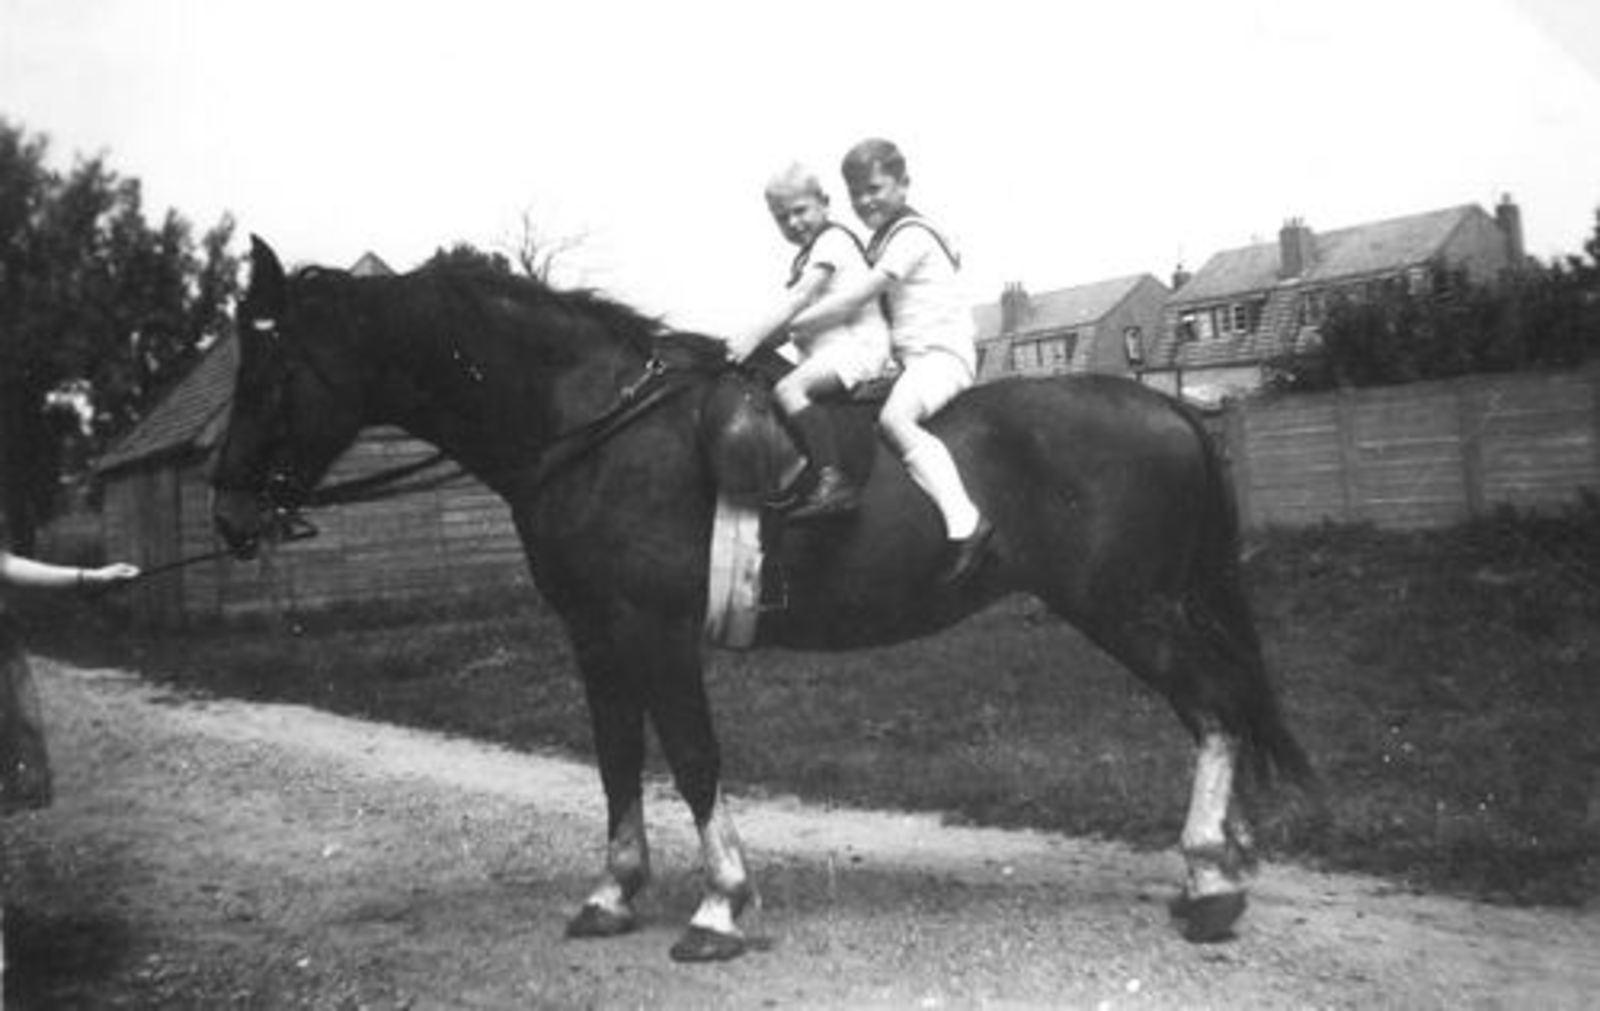 Calvelage Ben 1937 1944 op Paard met broer Henk